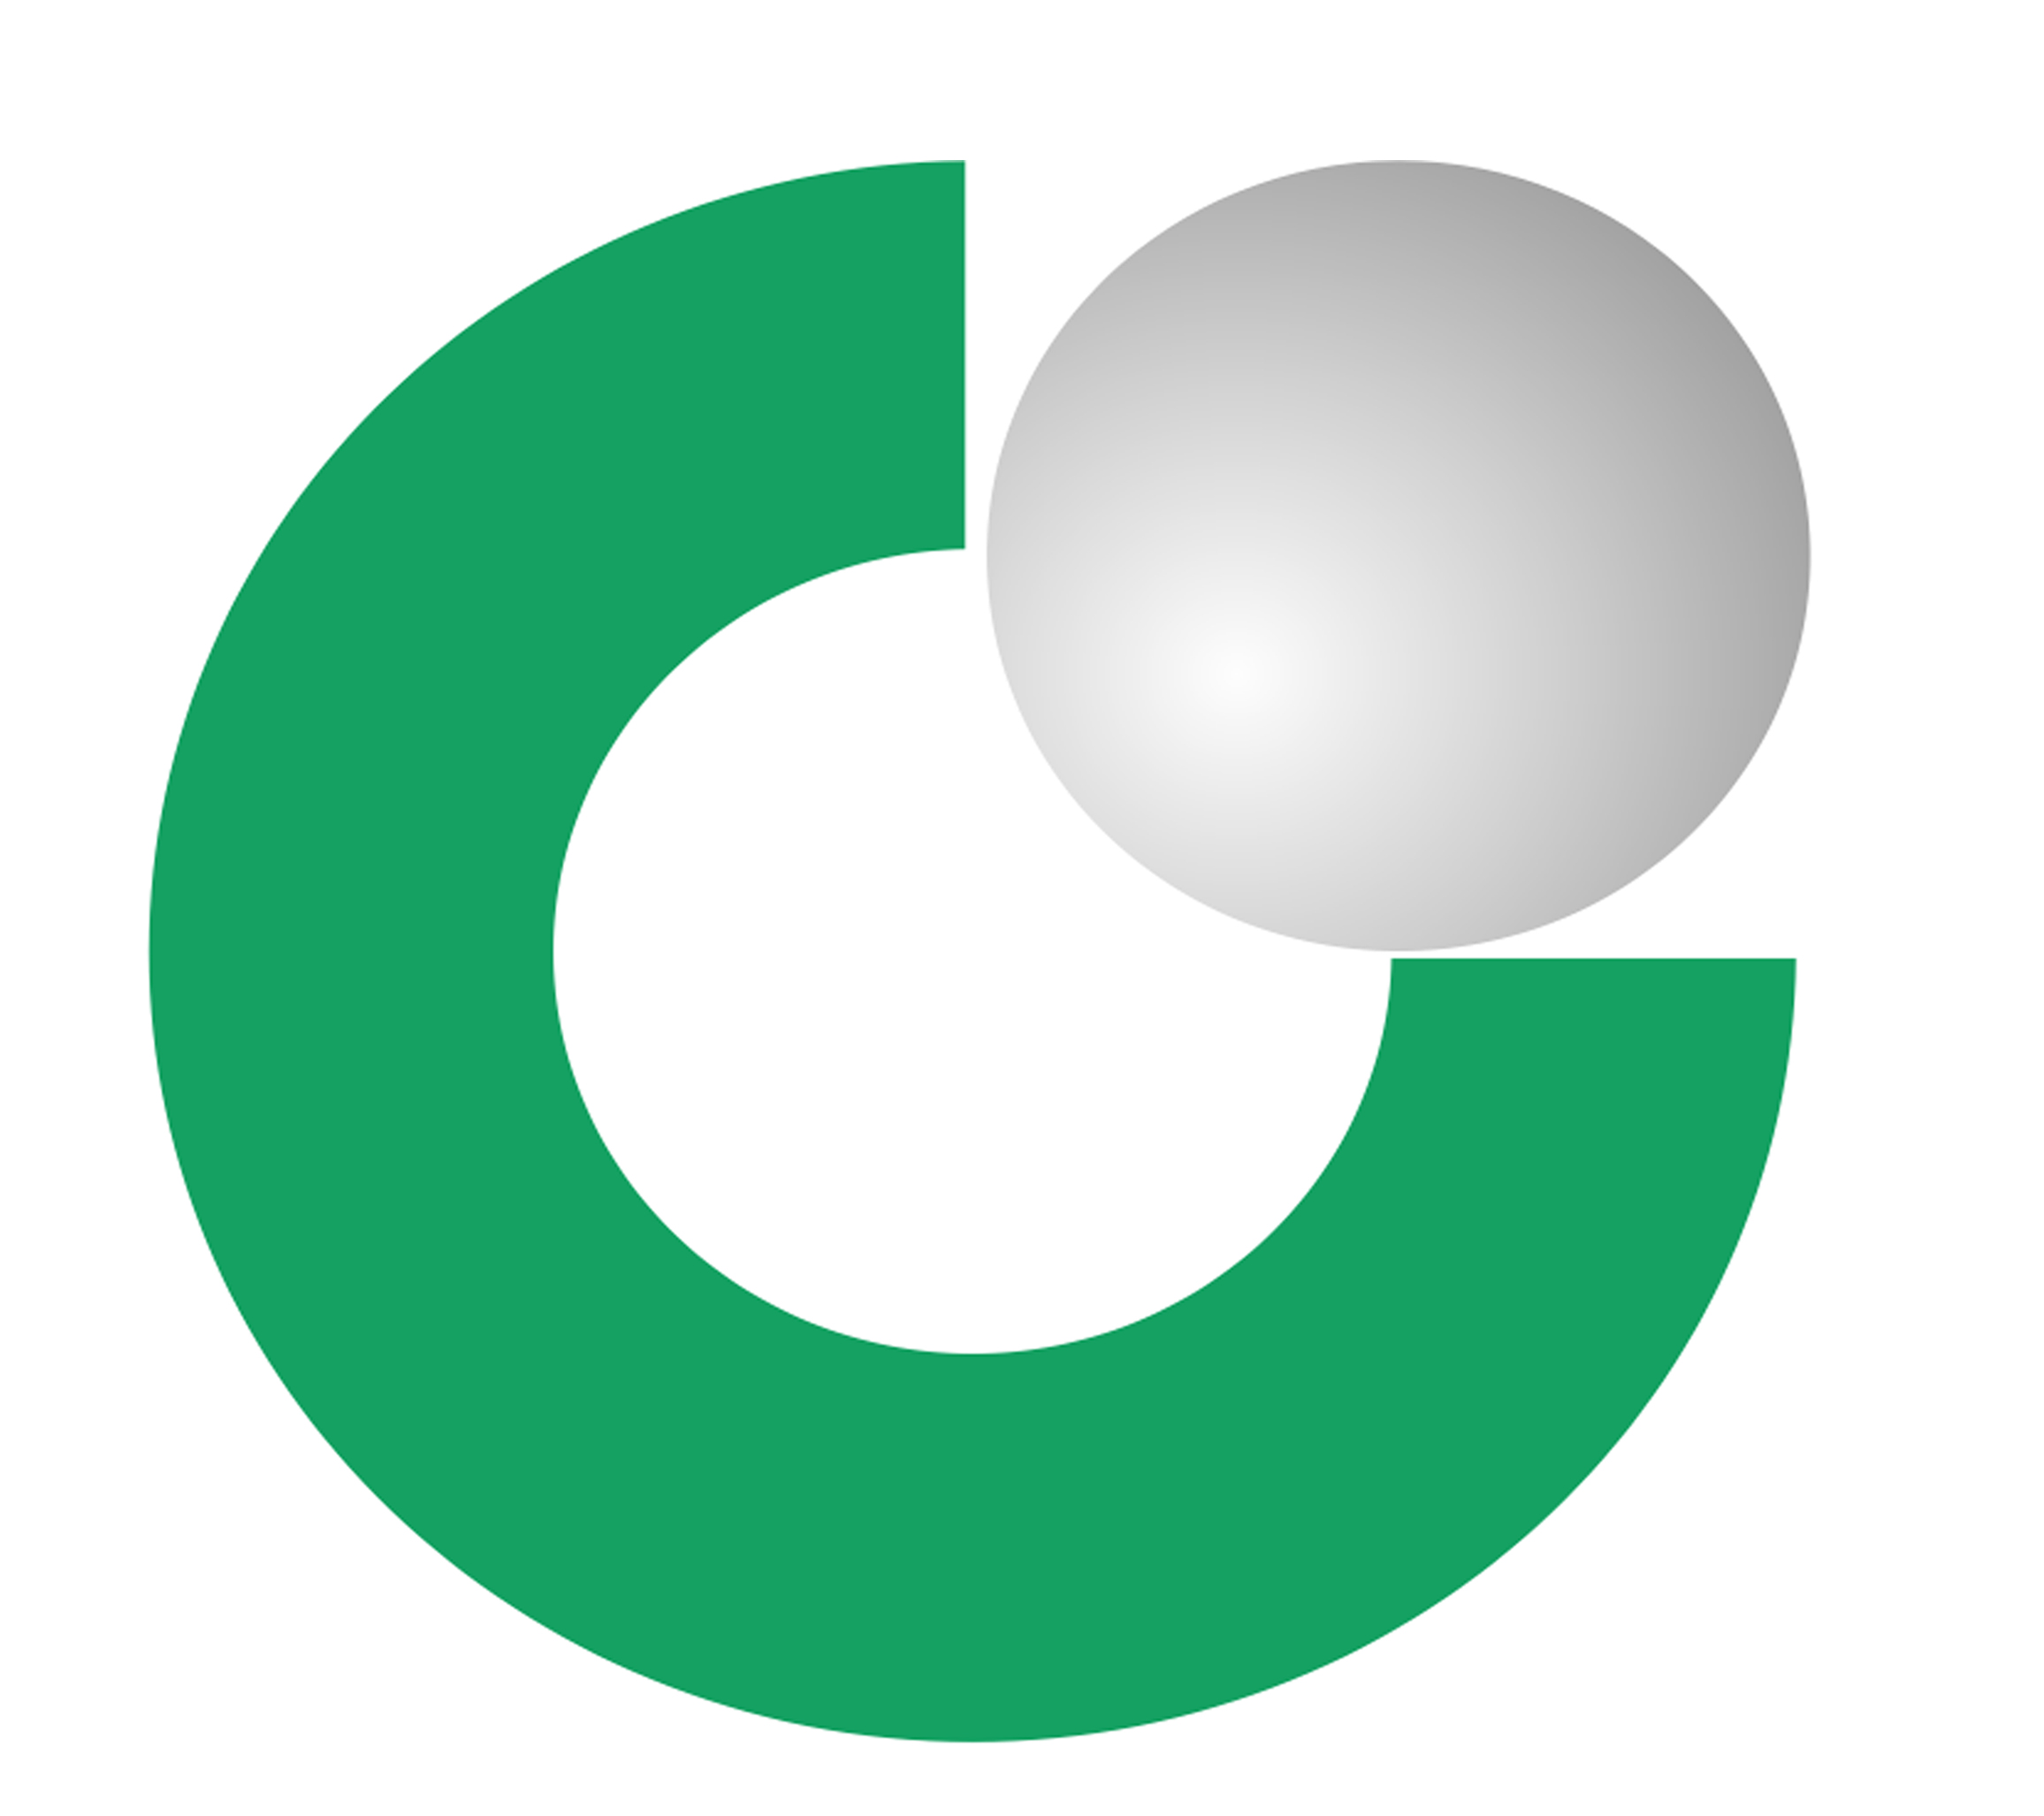 中国人寿保?#23637;?#20221;有限公司广州市华南营销服务部logo